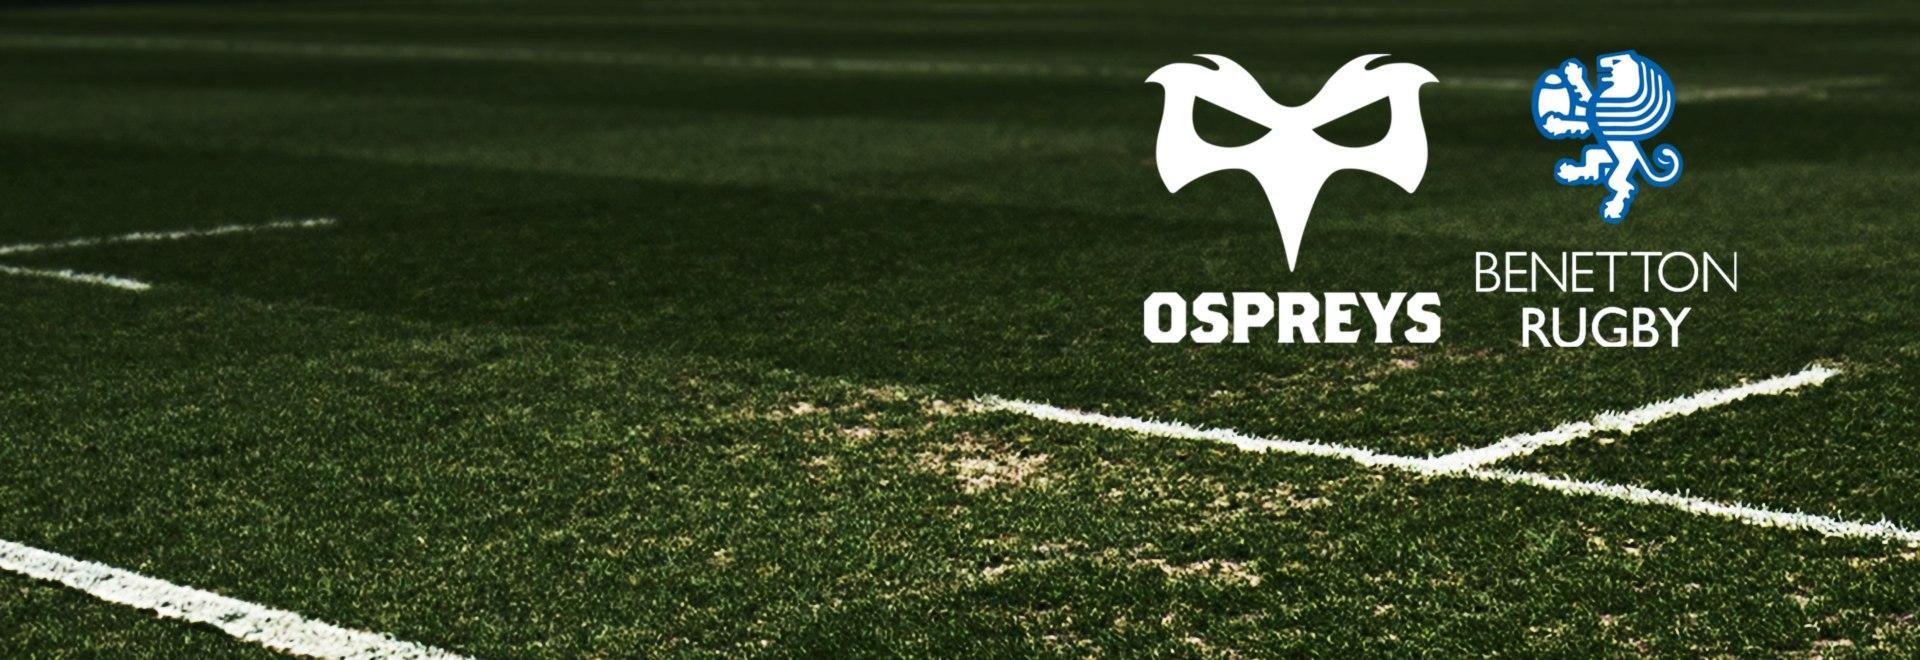 Ospreys - Treviso